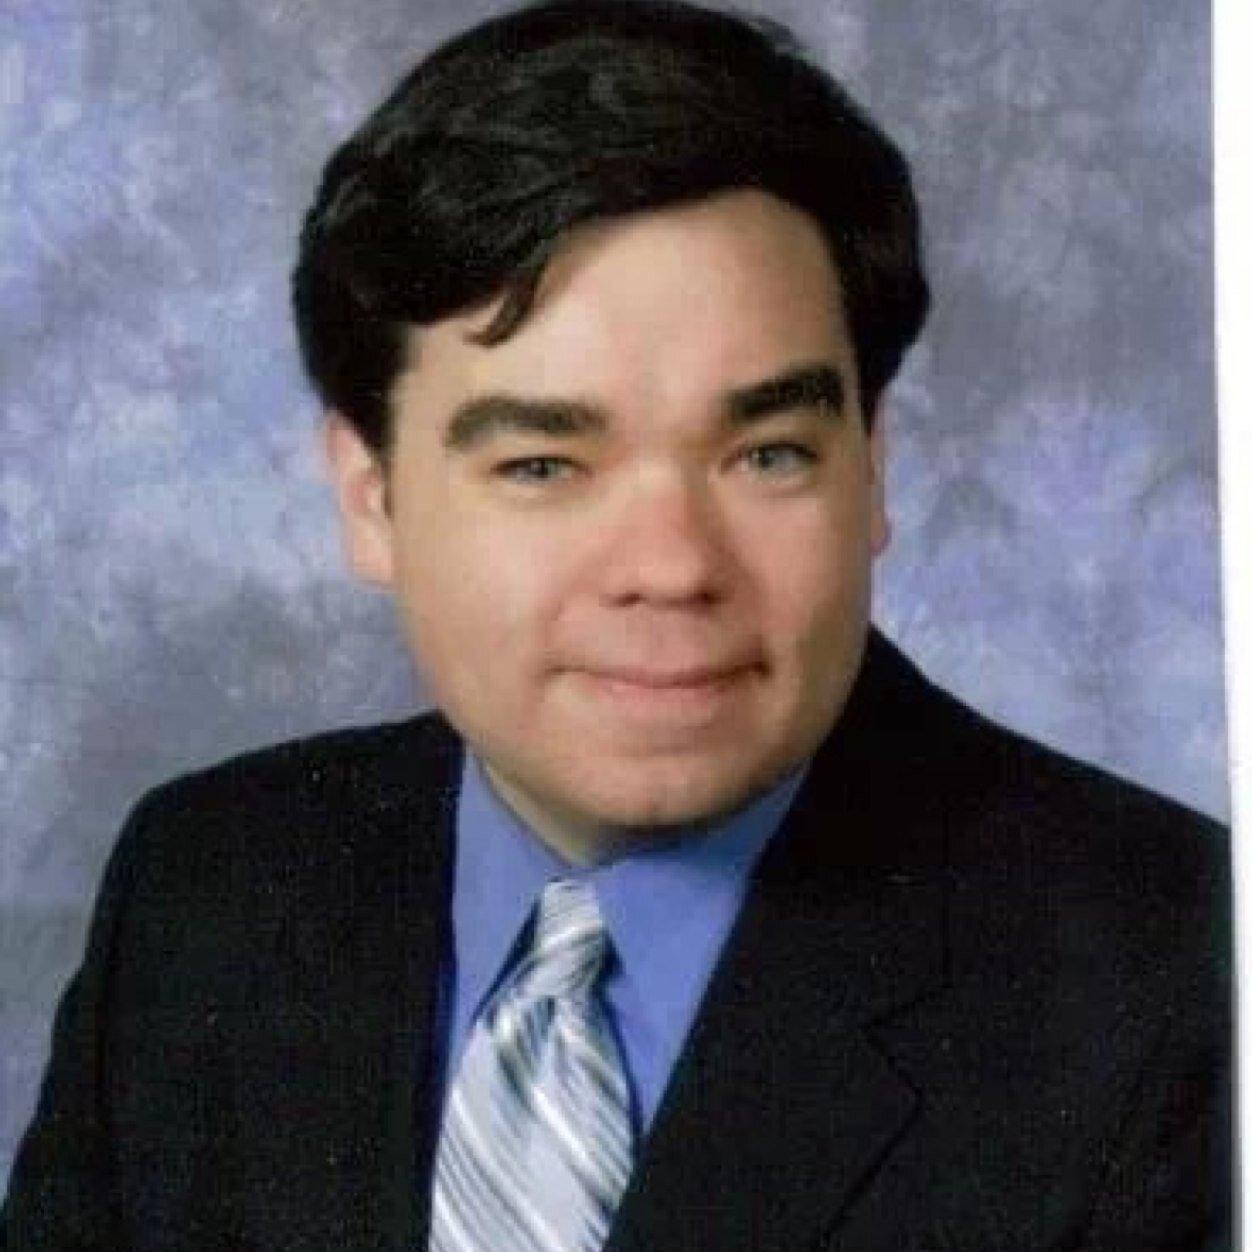 John Tisdell